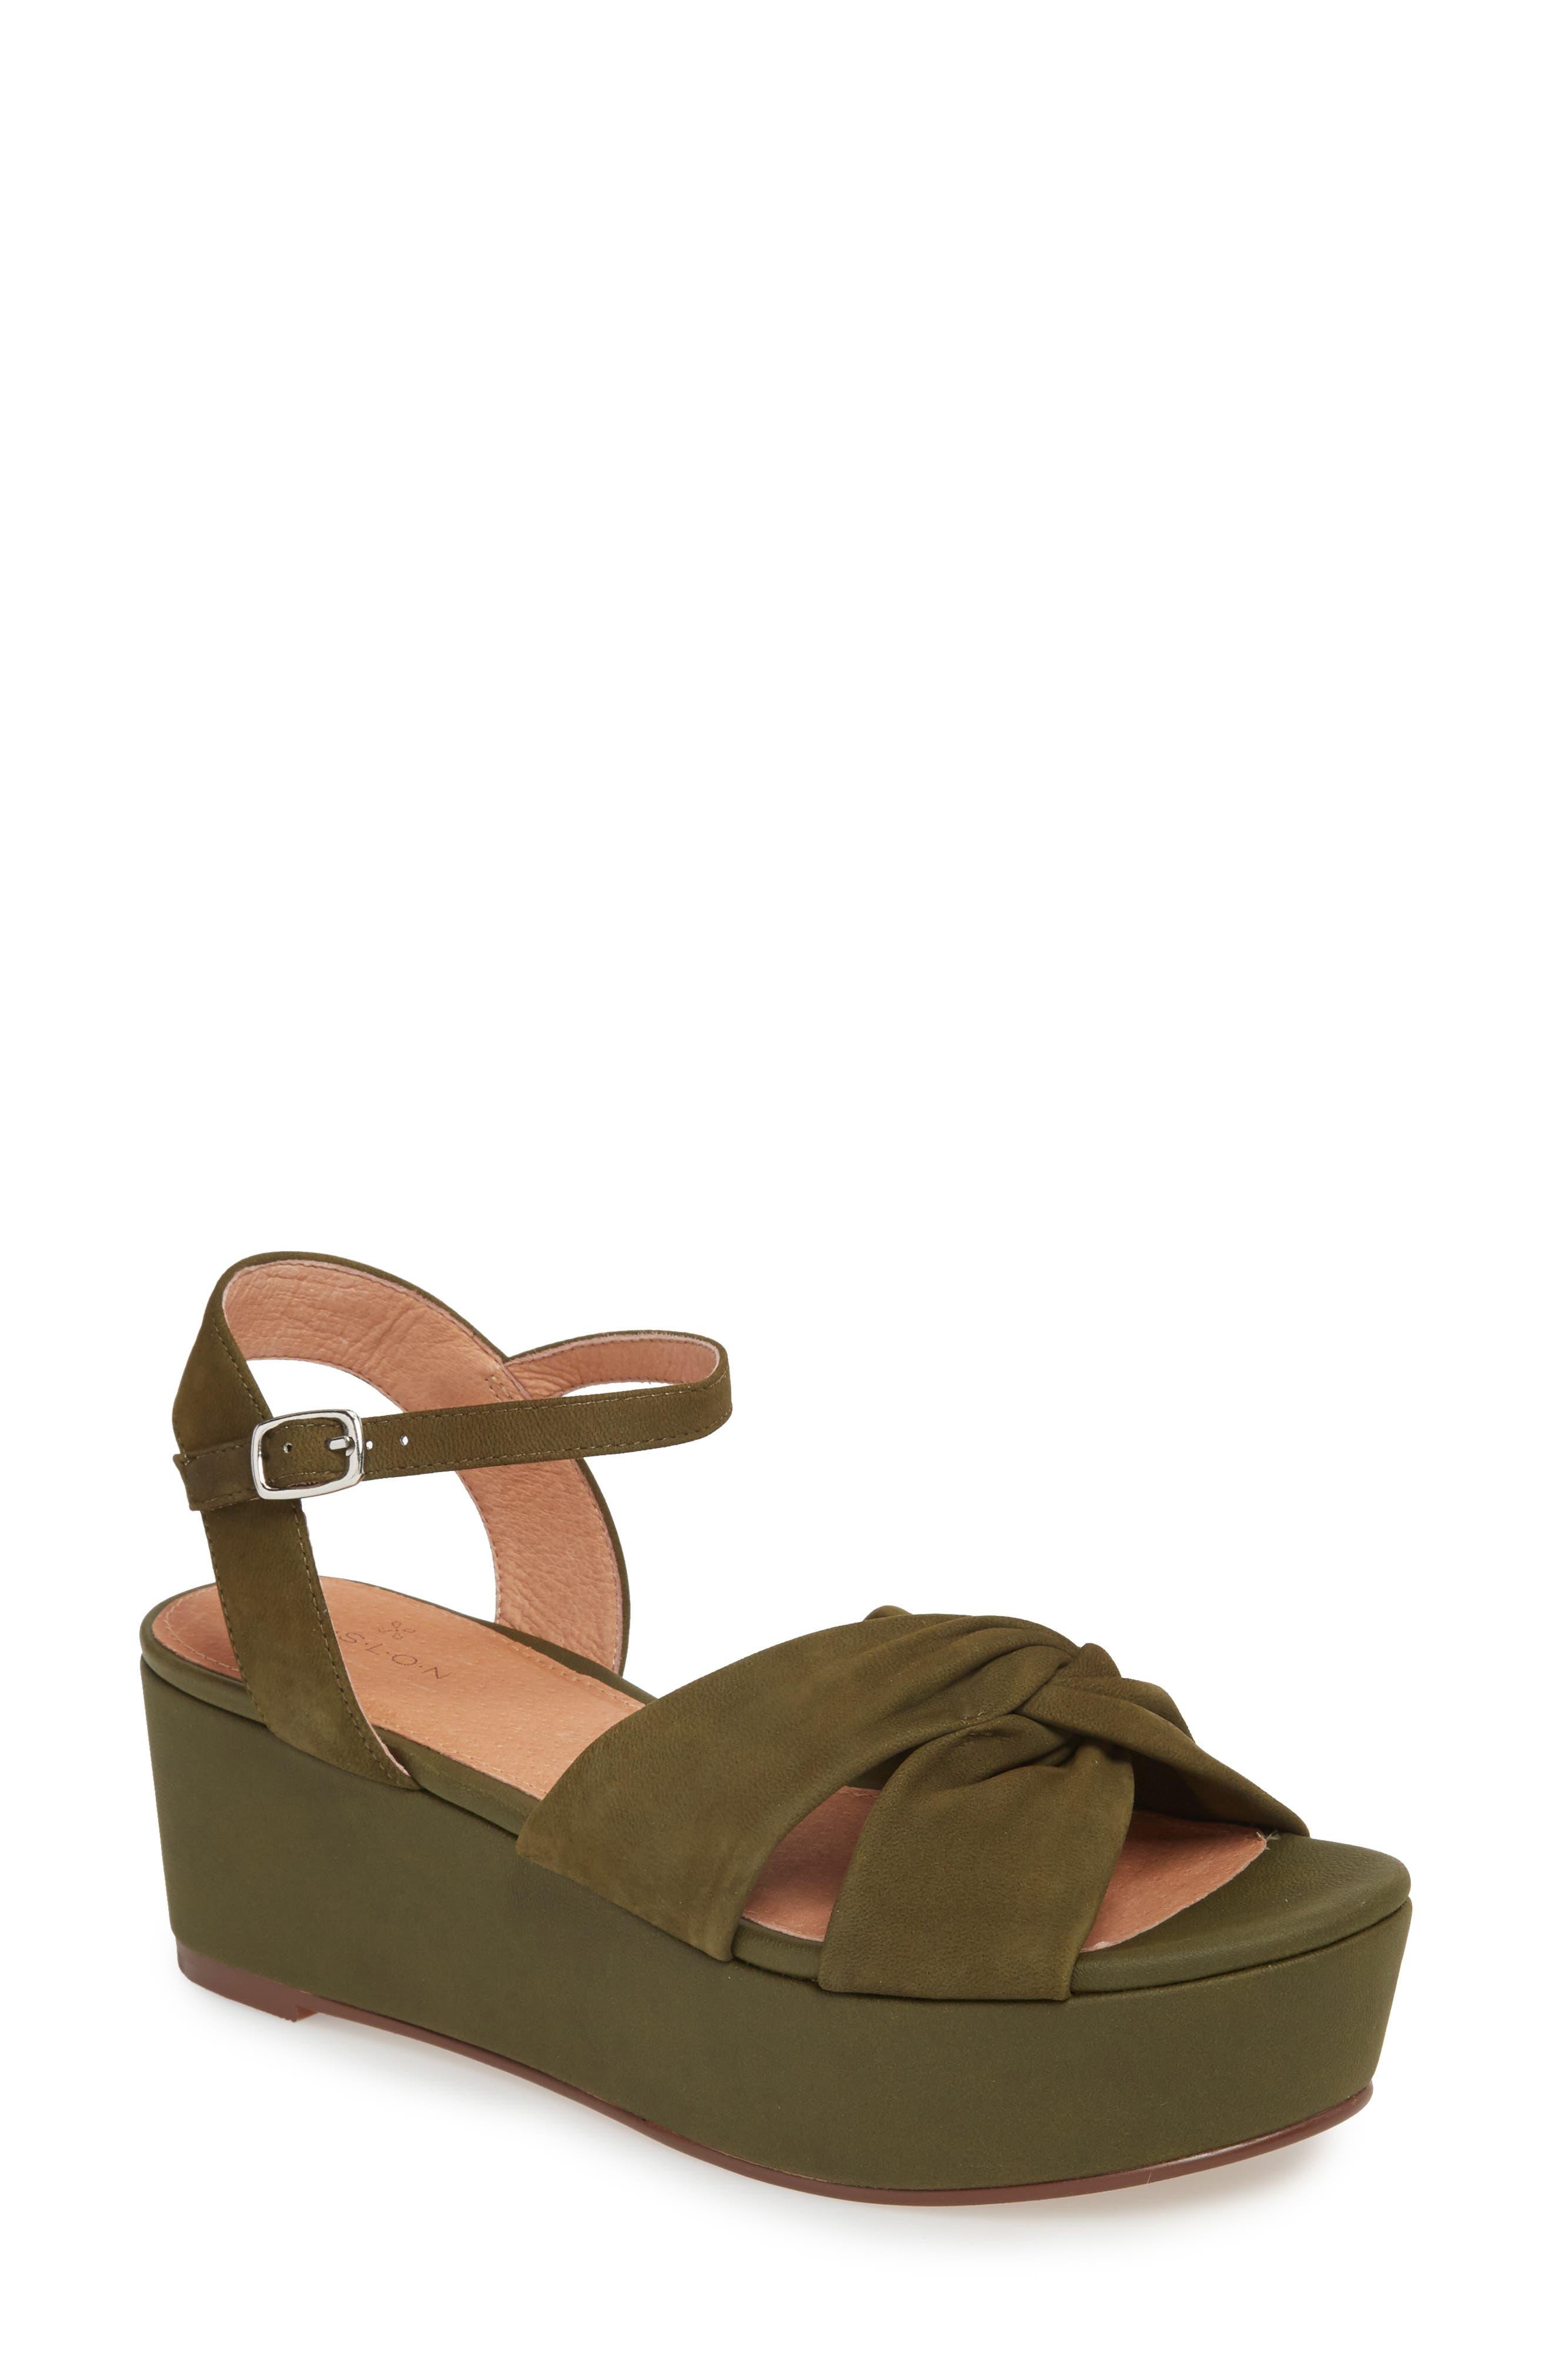 Ryder Platform Sandal,                         Main,                         color, Olive Nubuck